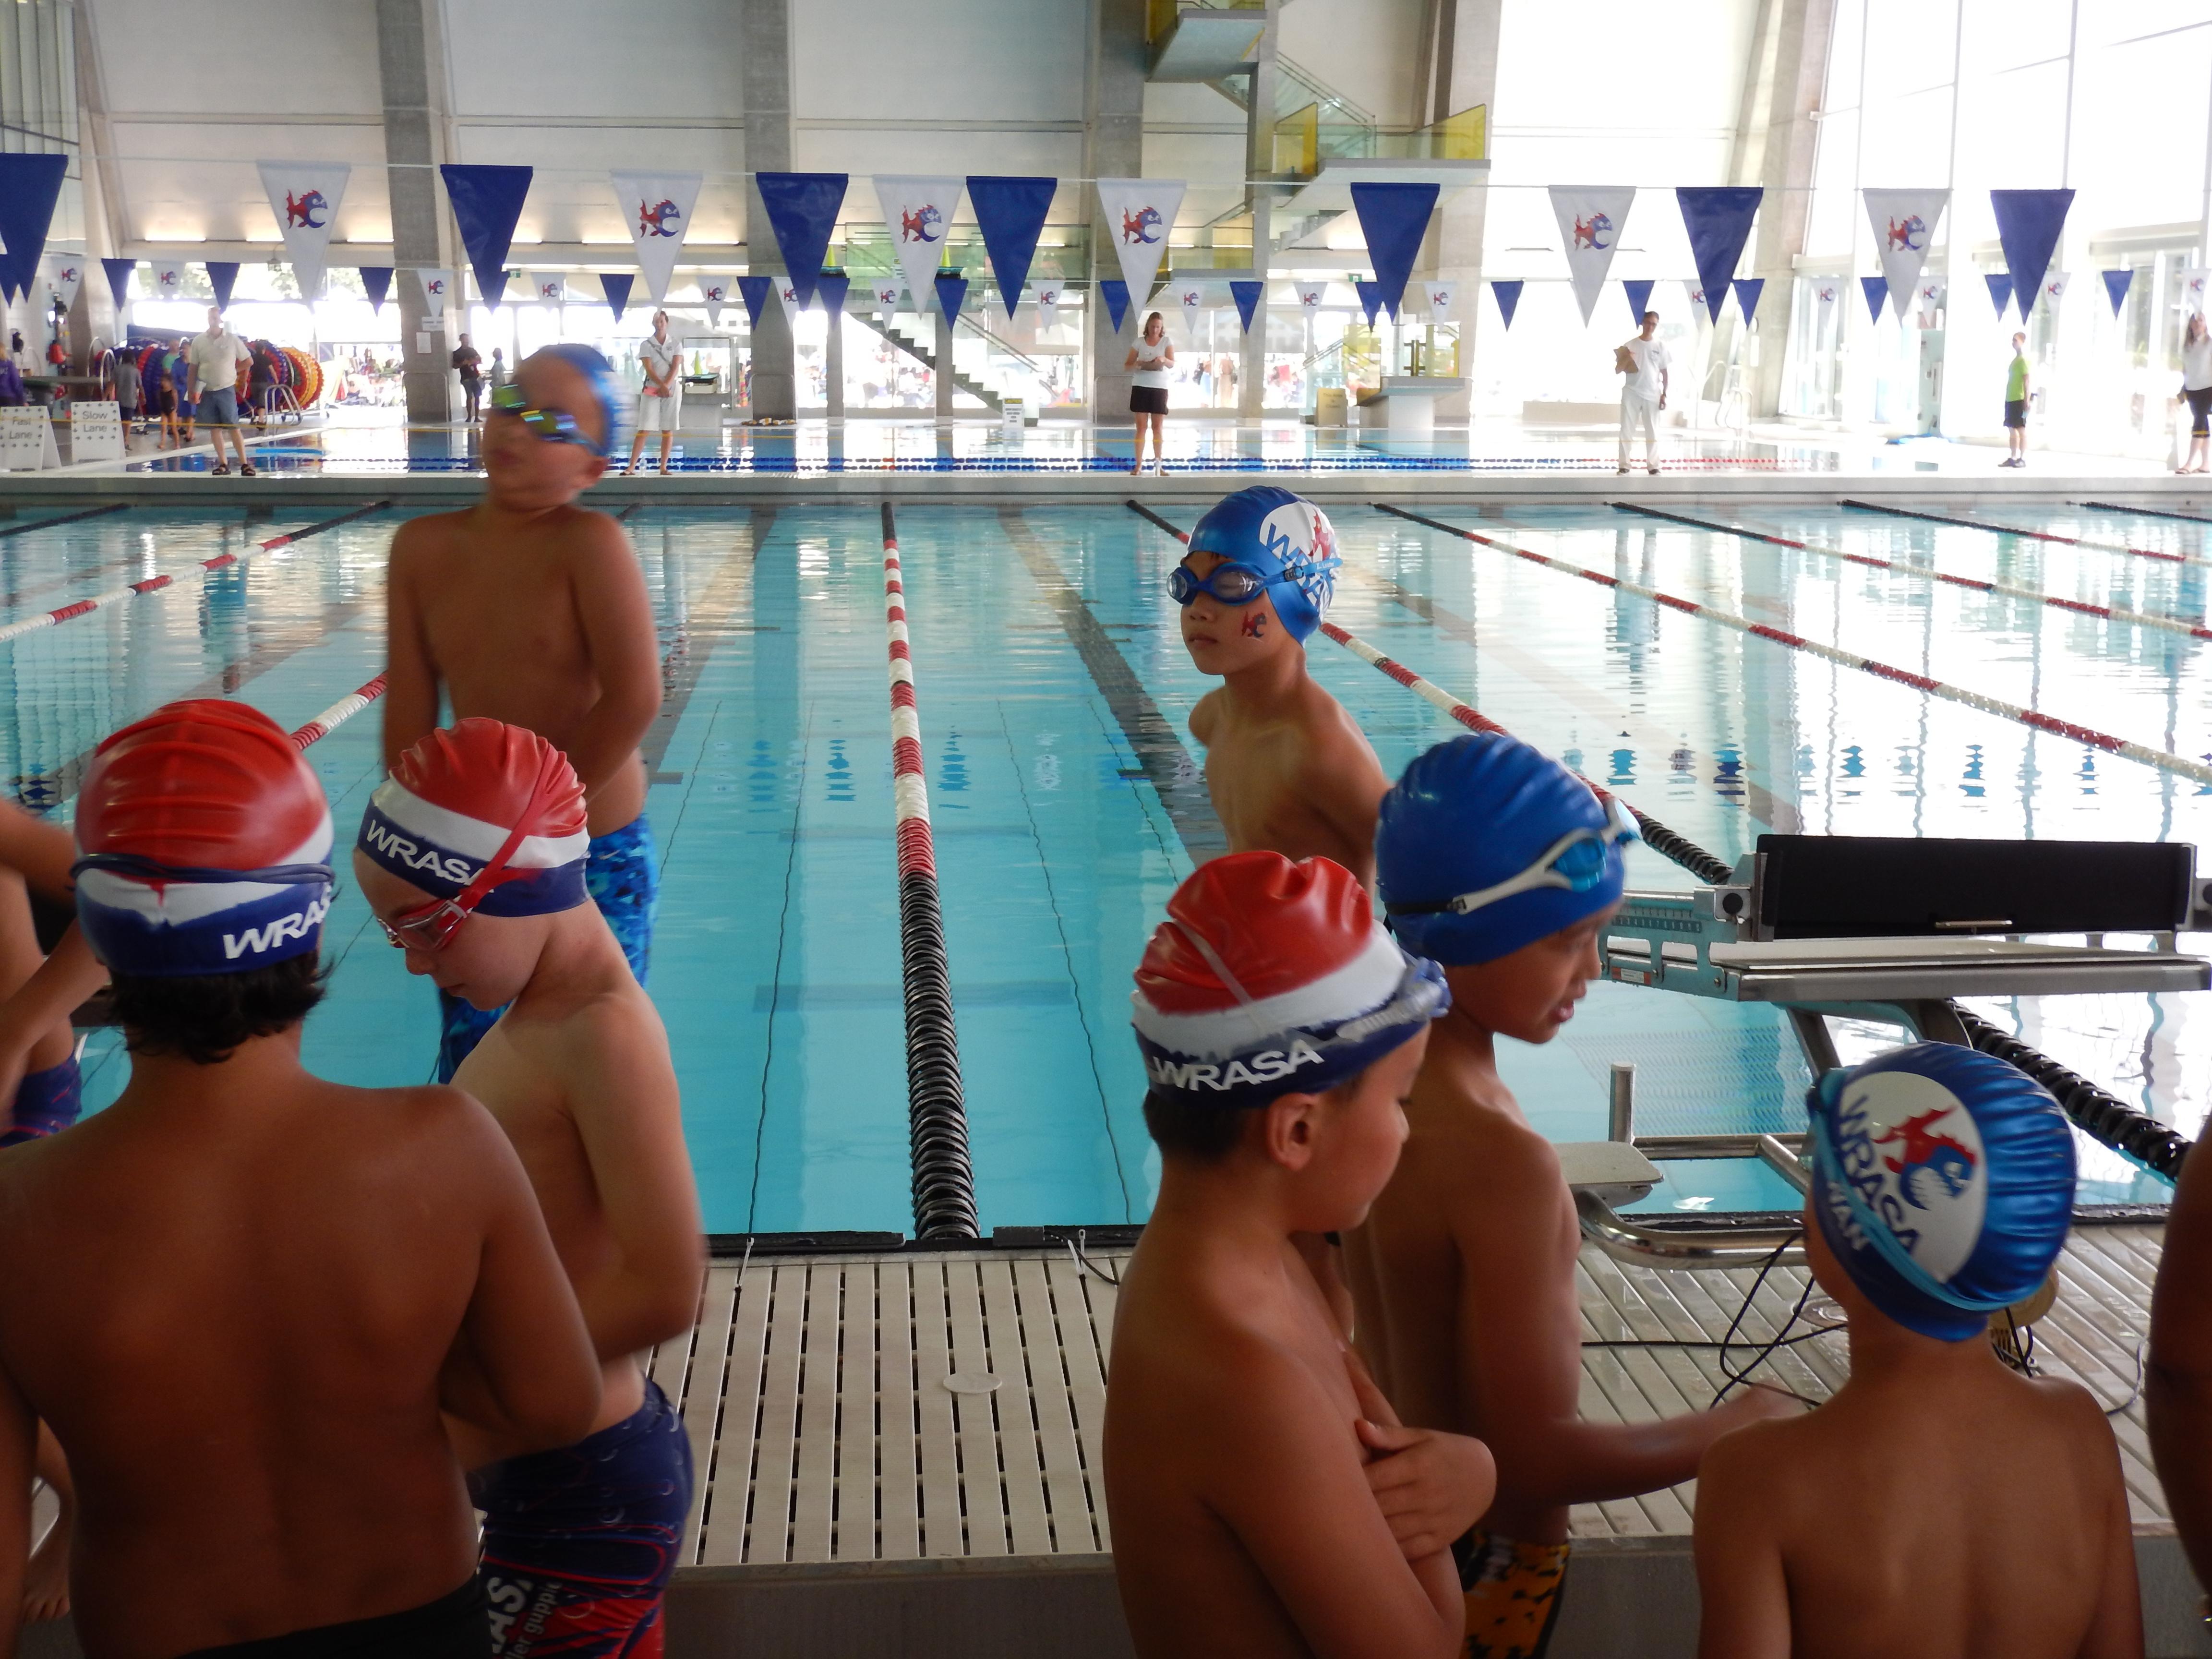 ten lane pool